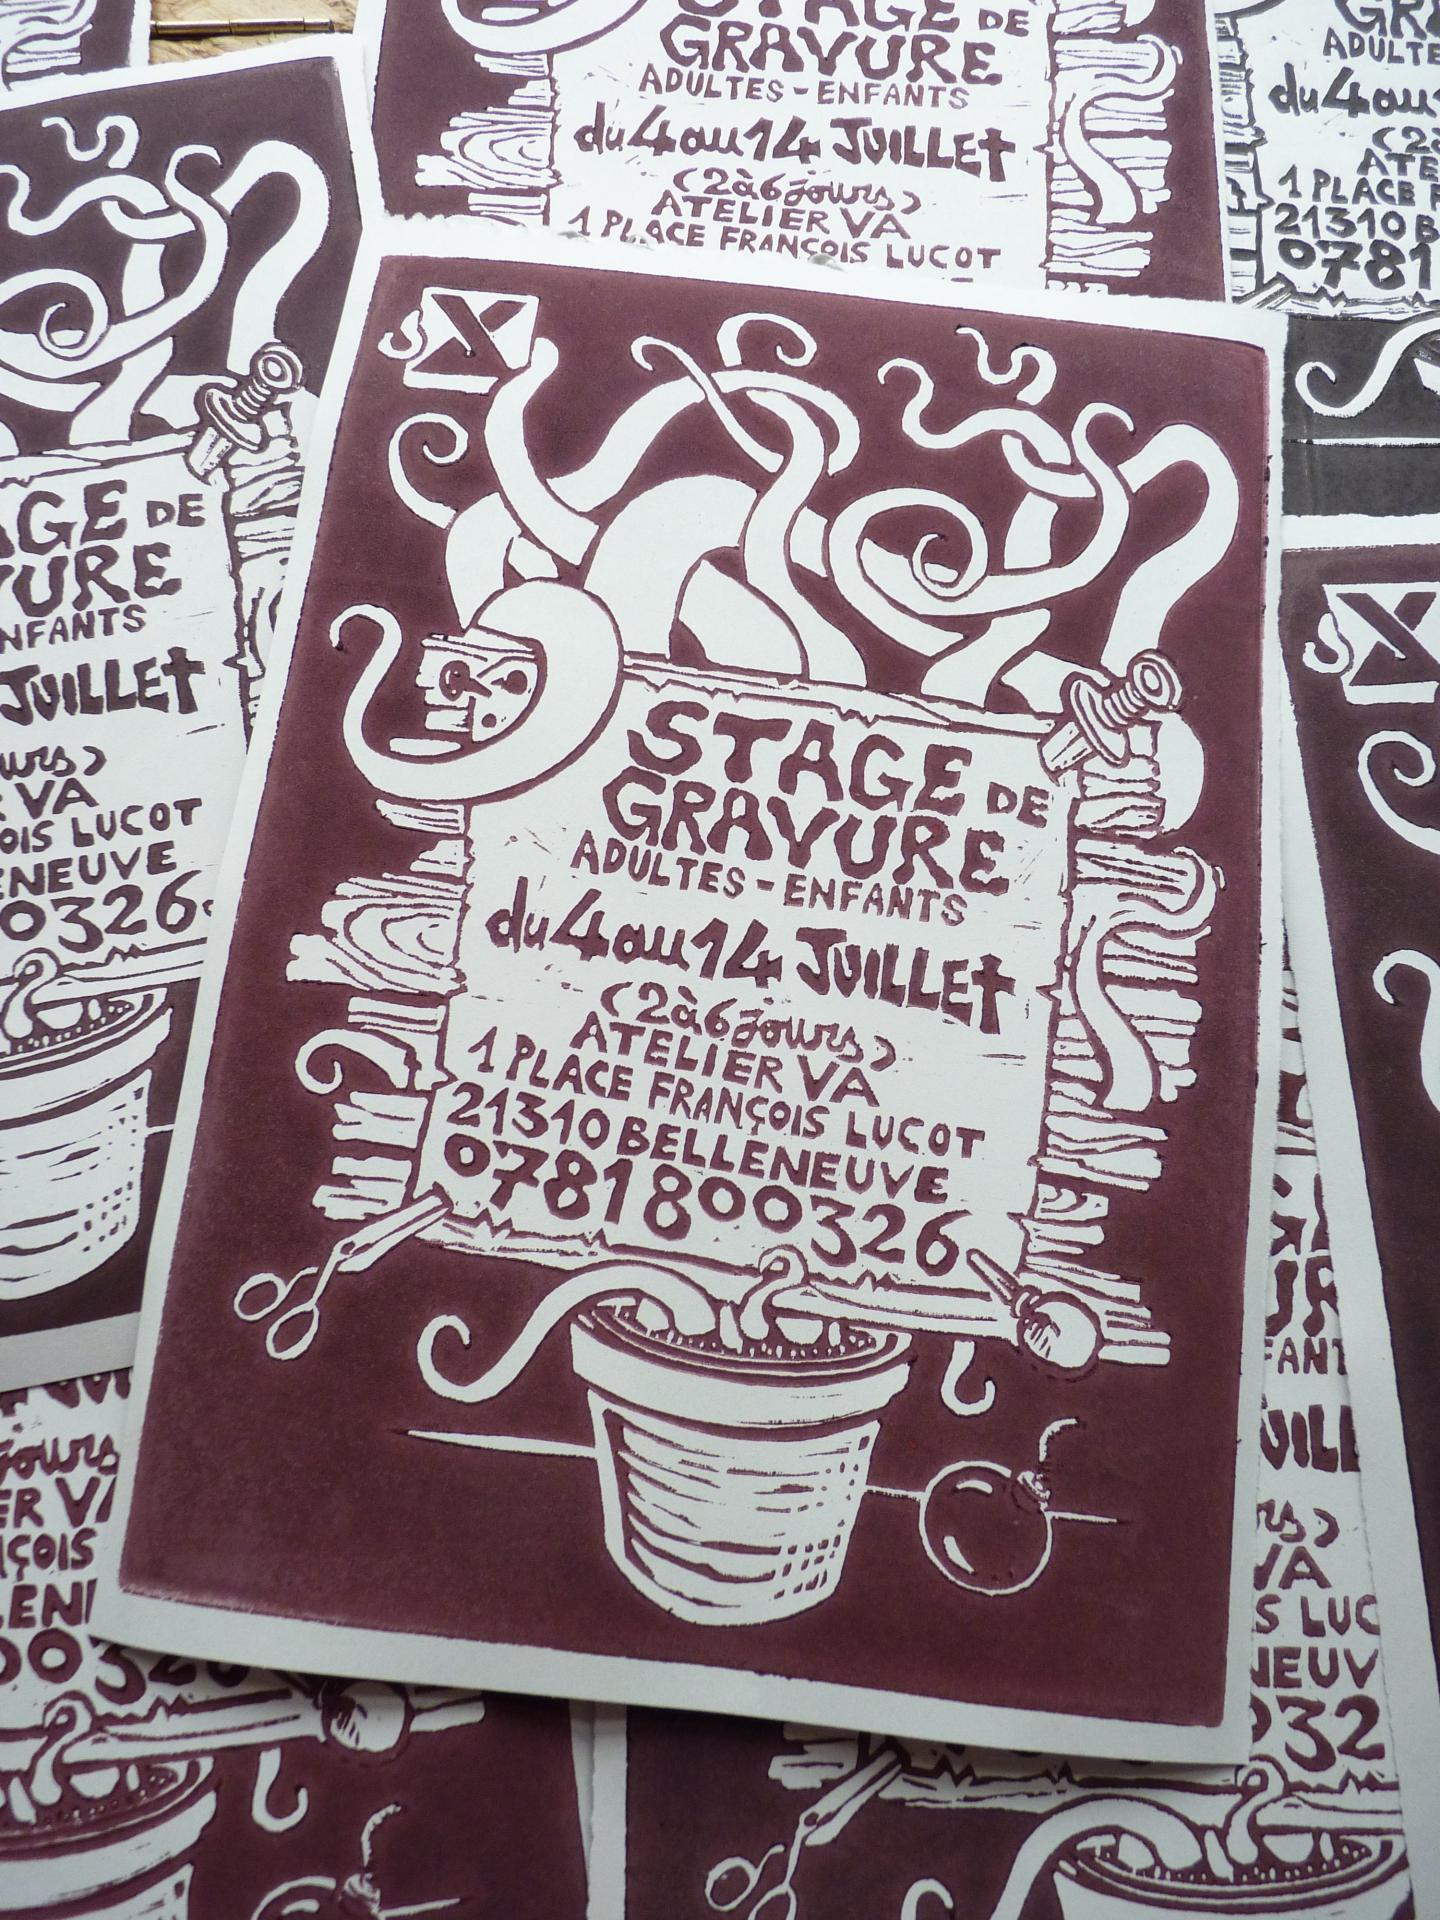 Stage atelier va 4 14 07 20 1